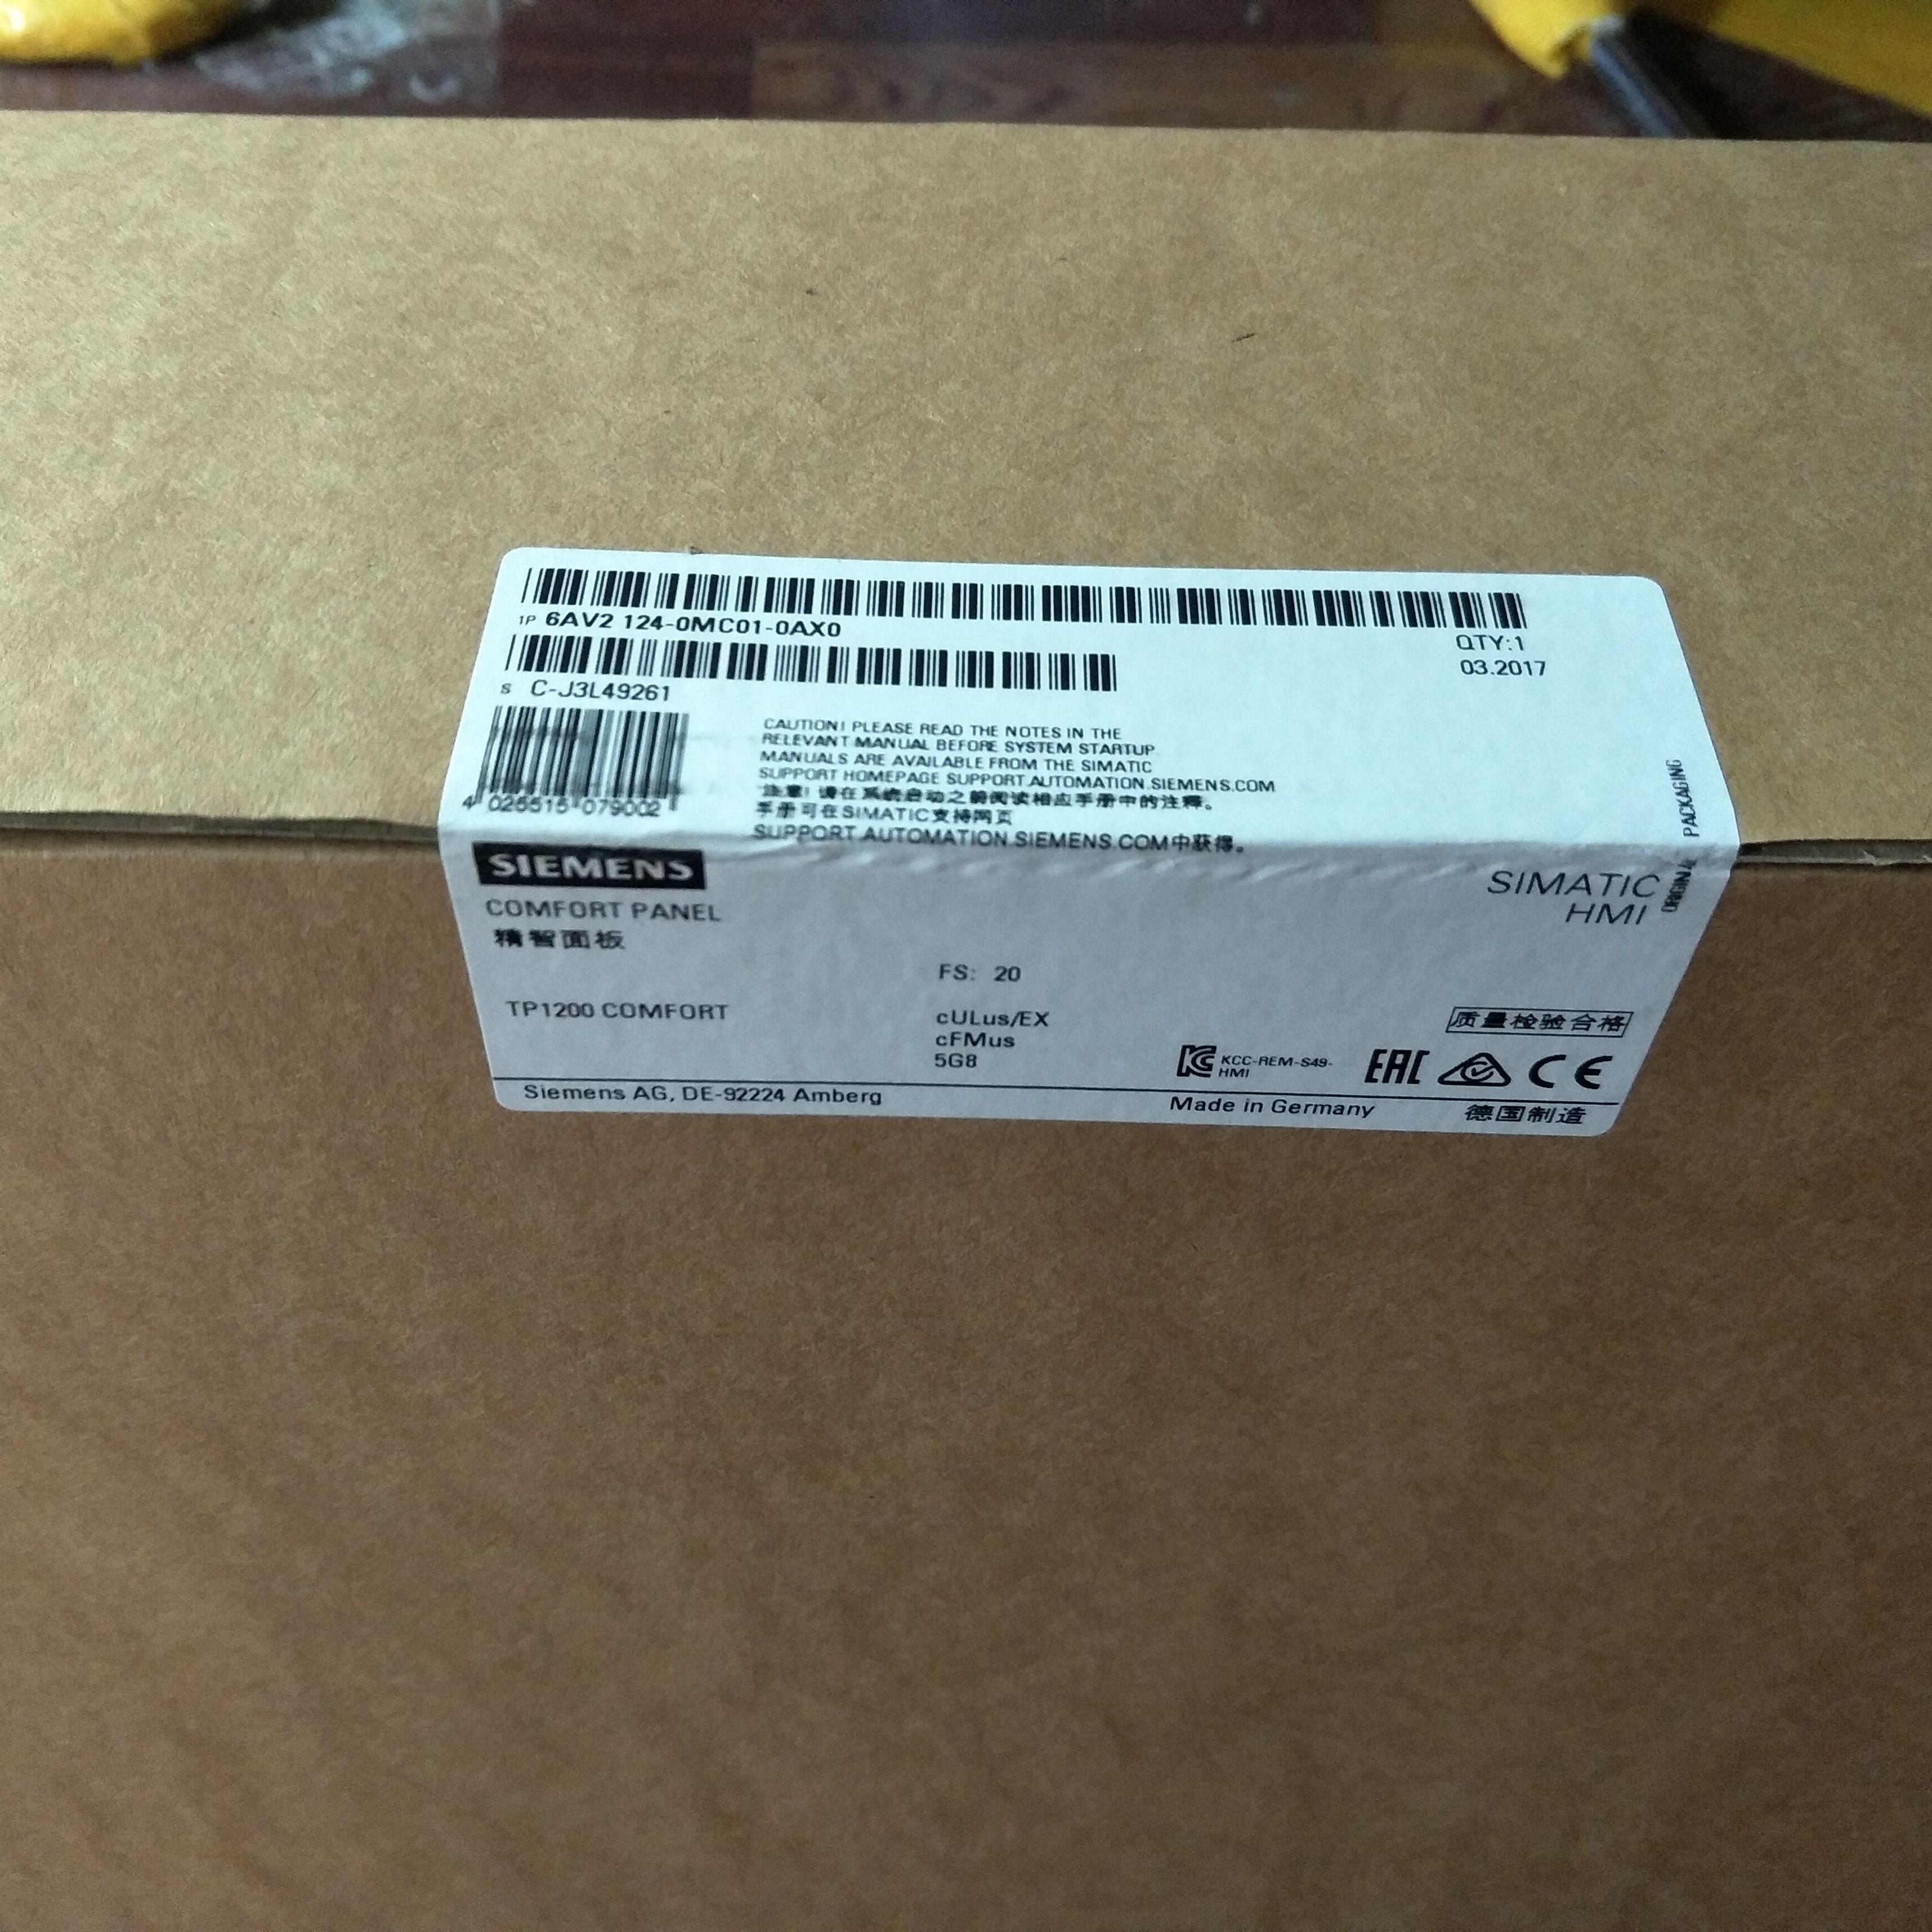 遵义西门子KP1200触摸屏模块代理商